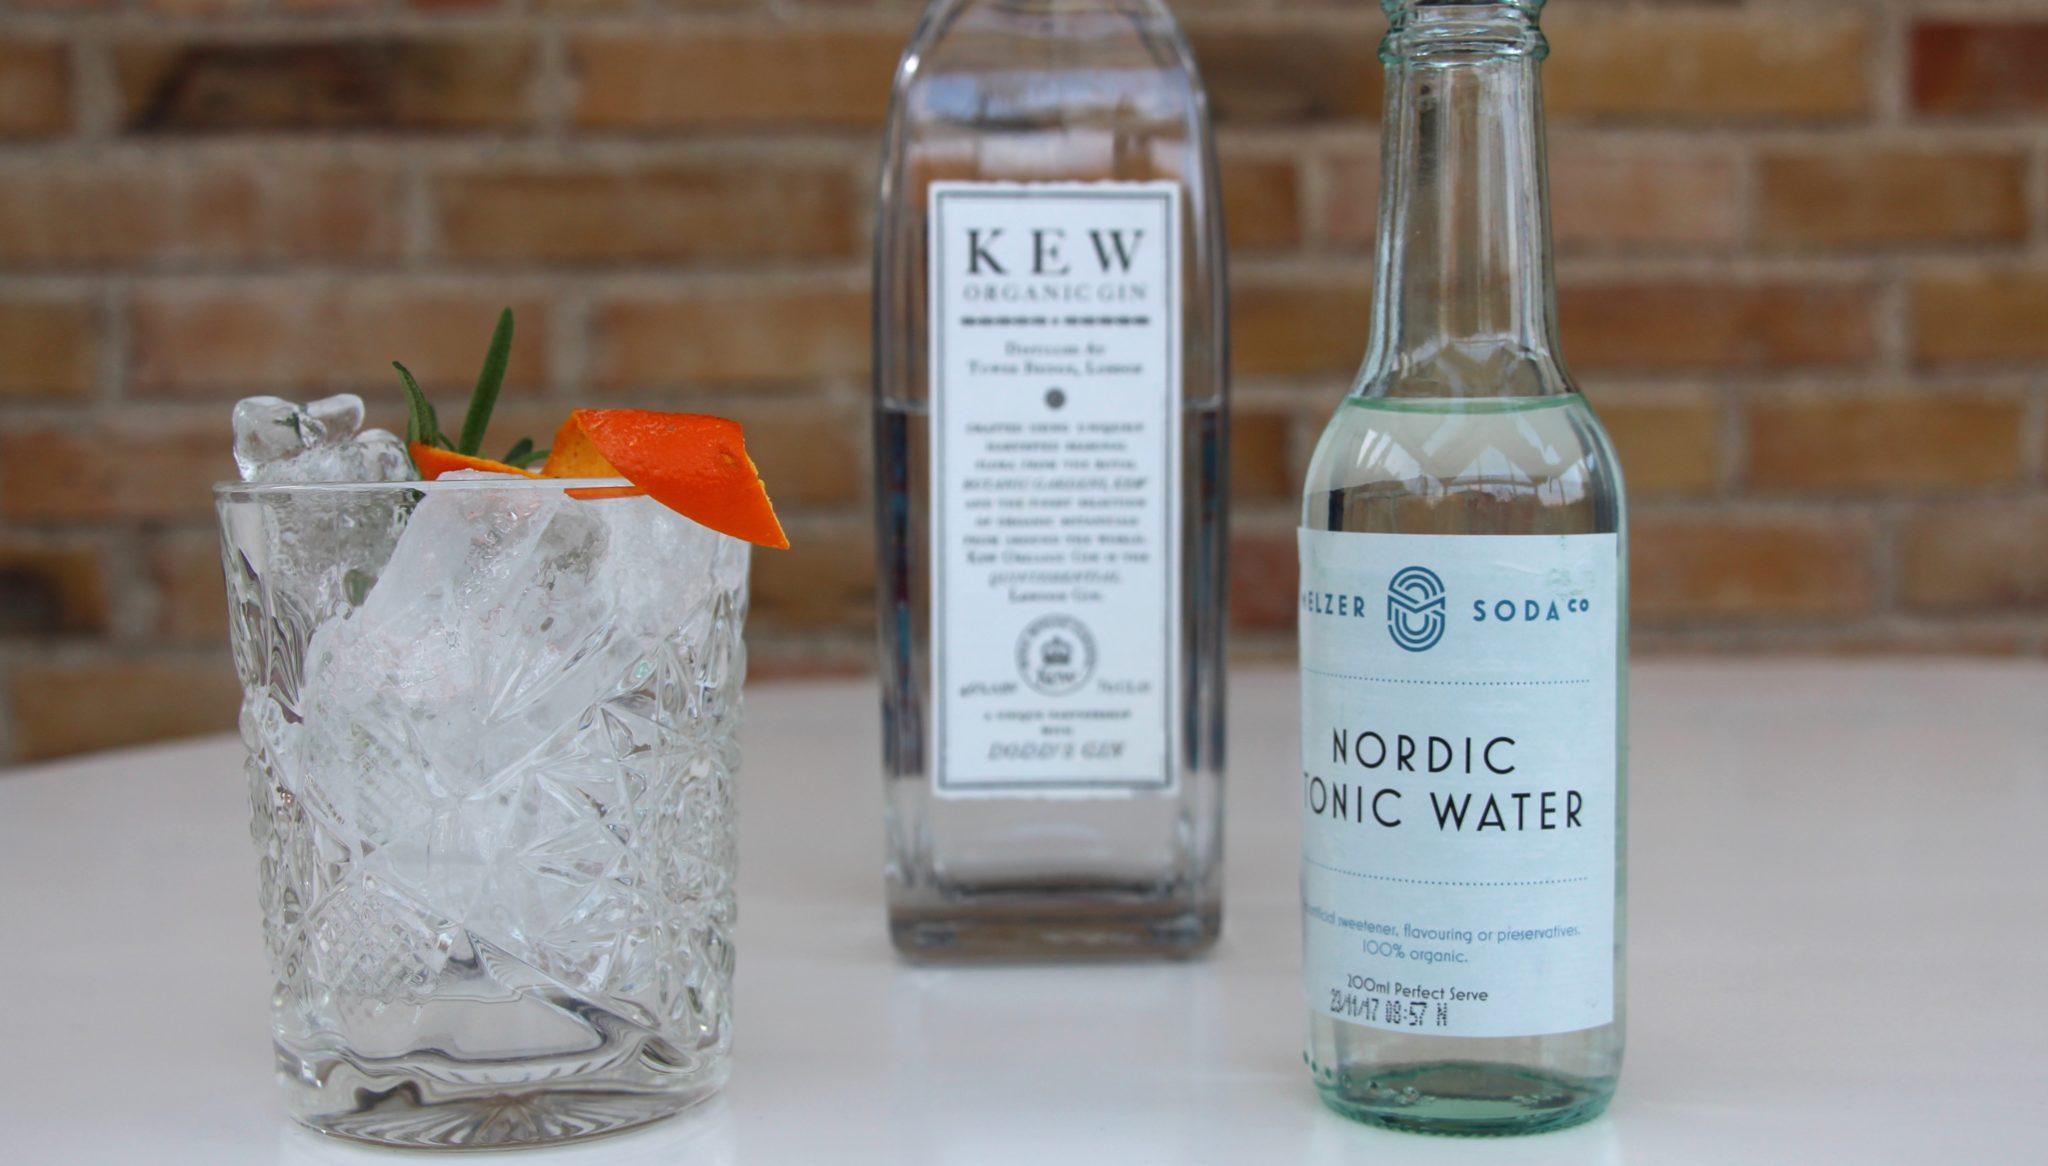 #Fredagsdrink KEW Organic Gin & Tonic